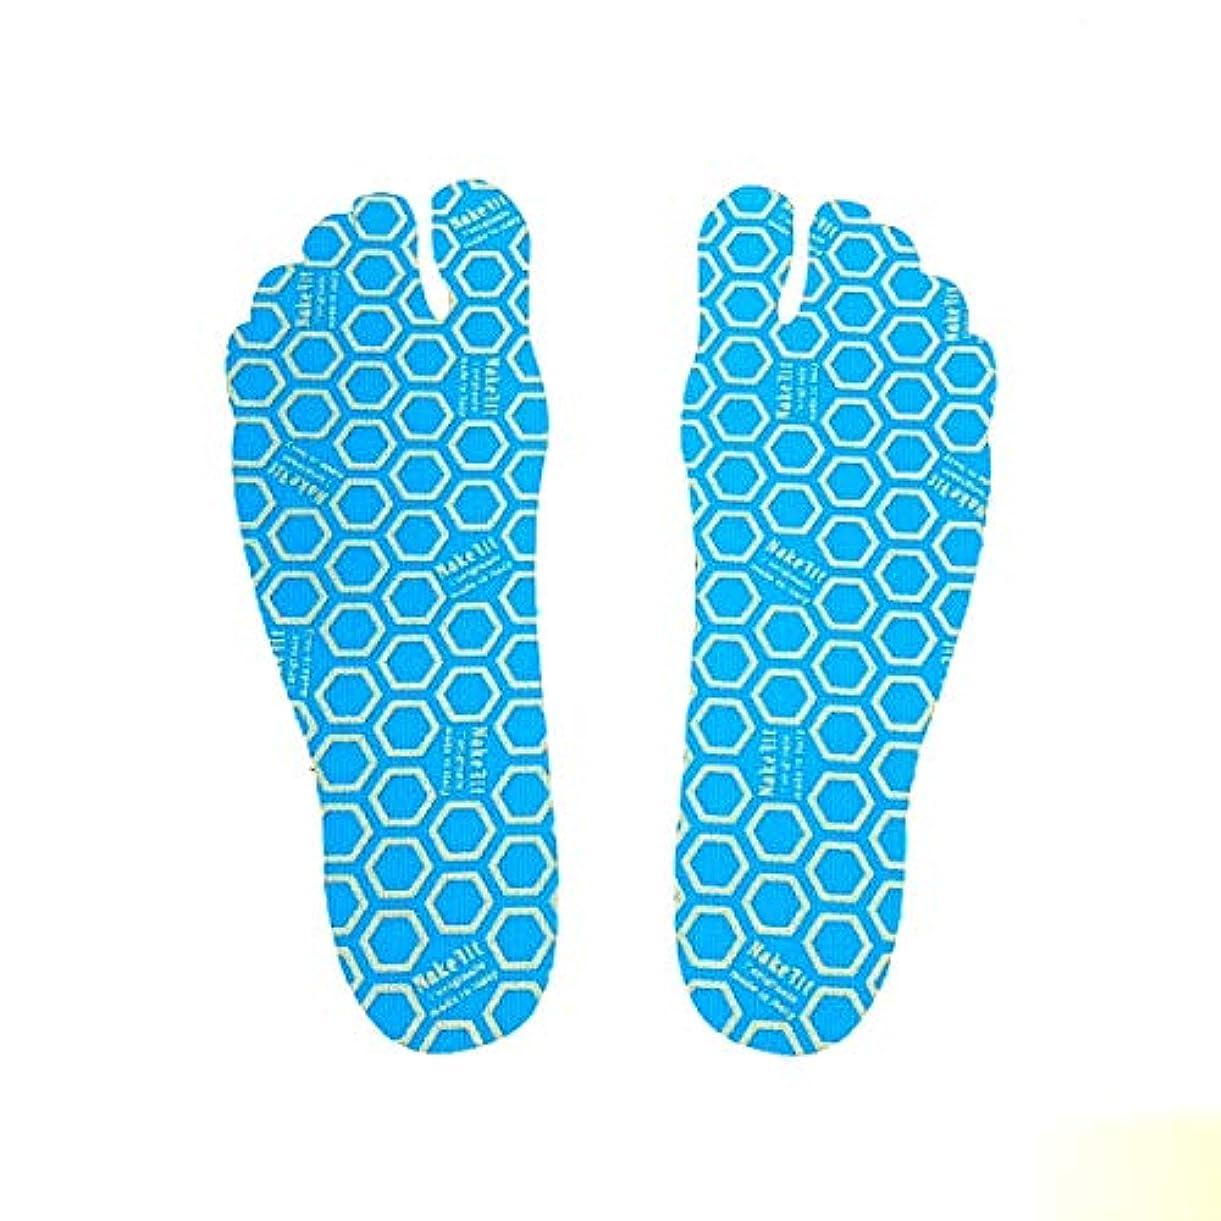 受け入れた必要としているバンク[NAKEFIT] ネイクフィット 足裏に貼る サンダル 裸足 貼り付け シール プール ビーチ 転倒防止 1パック3ペア入り